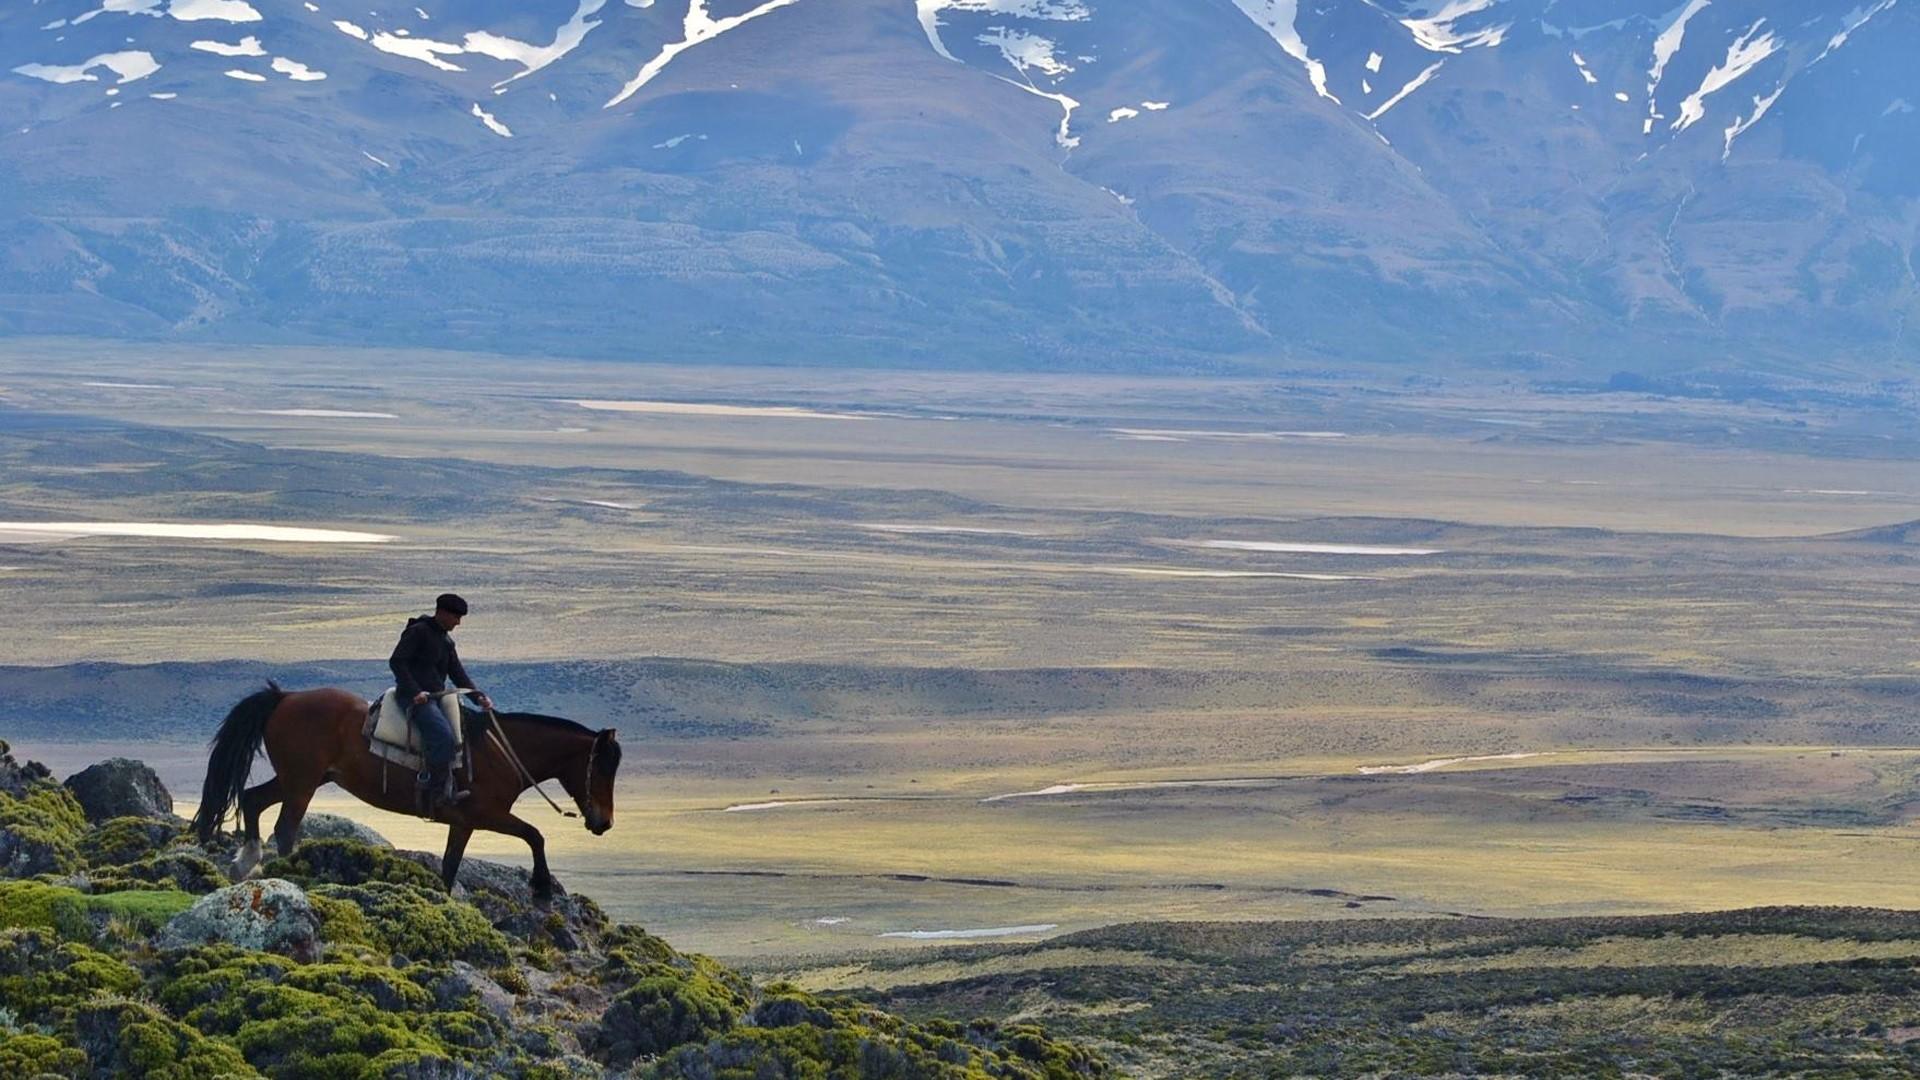 Le gaucho au Sud de la Patagonie argentine